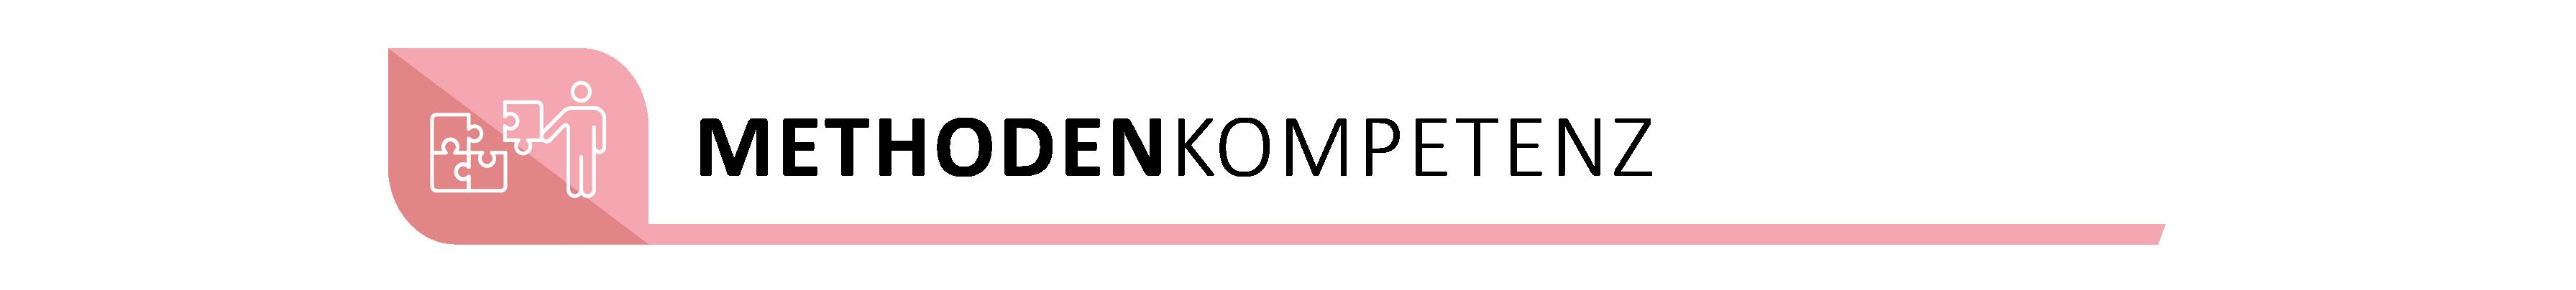 Zwischengrafik_Methodenkompetenz_Pastell